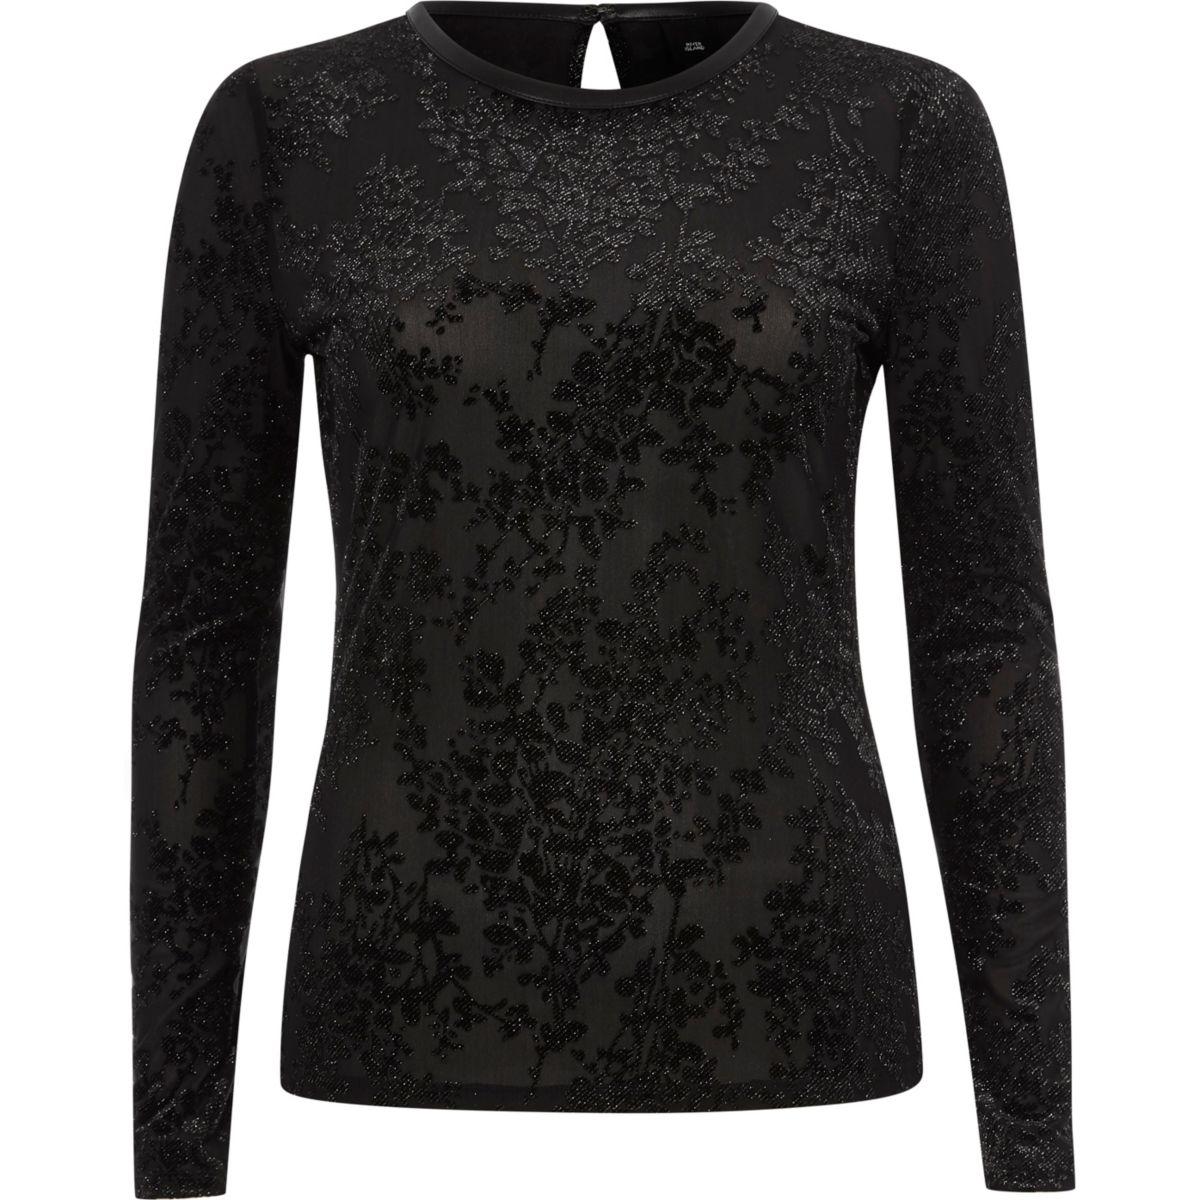 Zwarte aansluitende fluwelen top met glitter en burnout-print